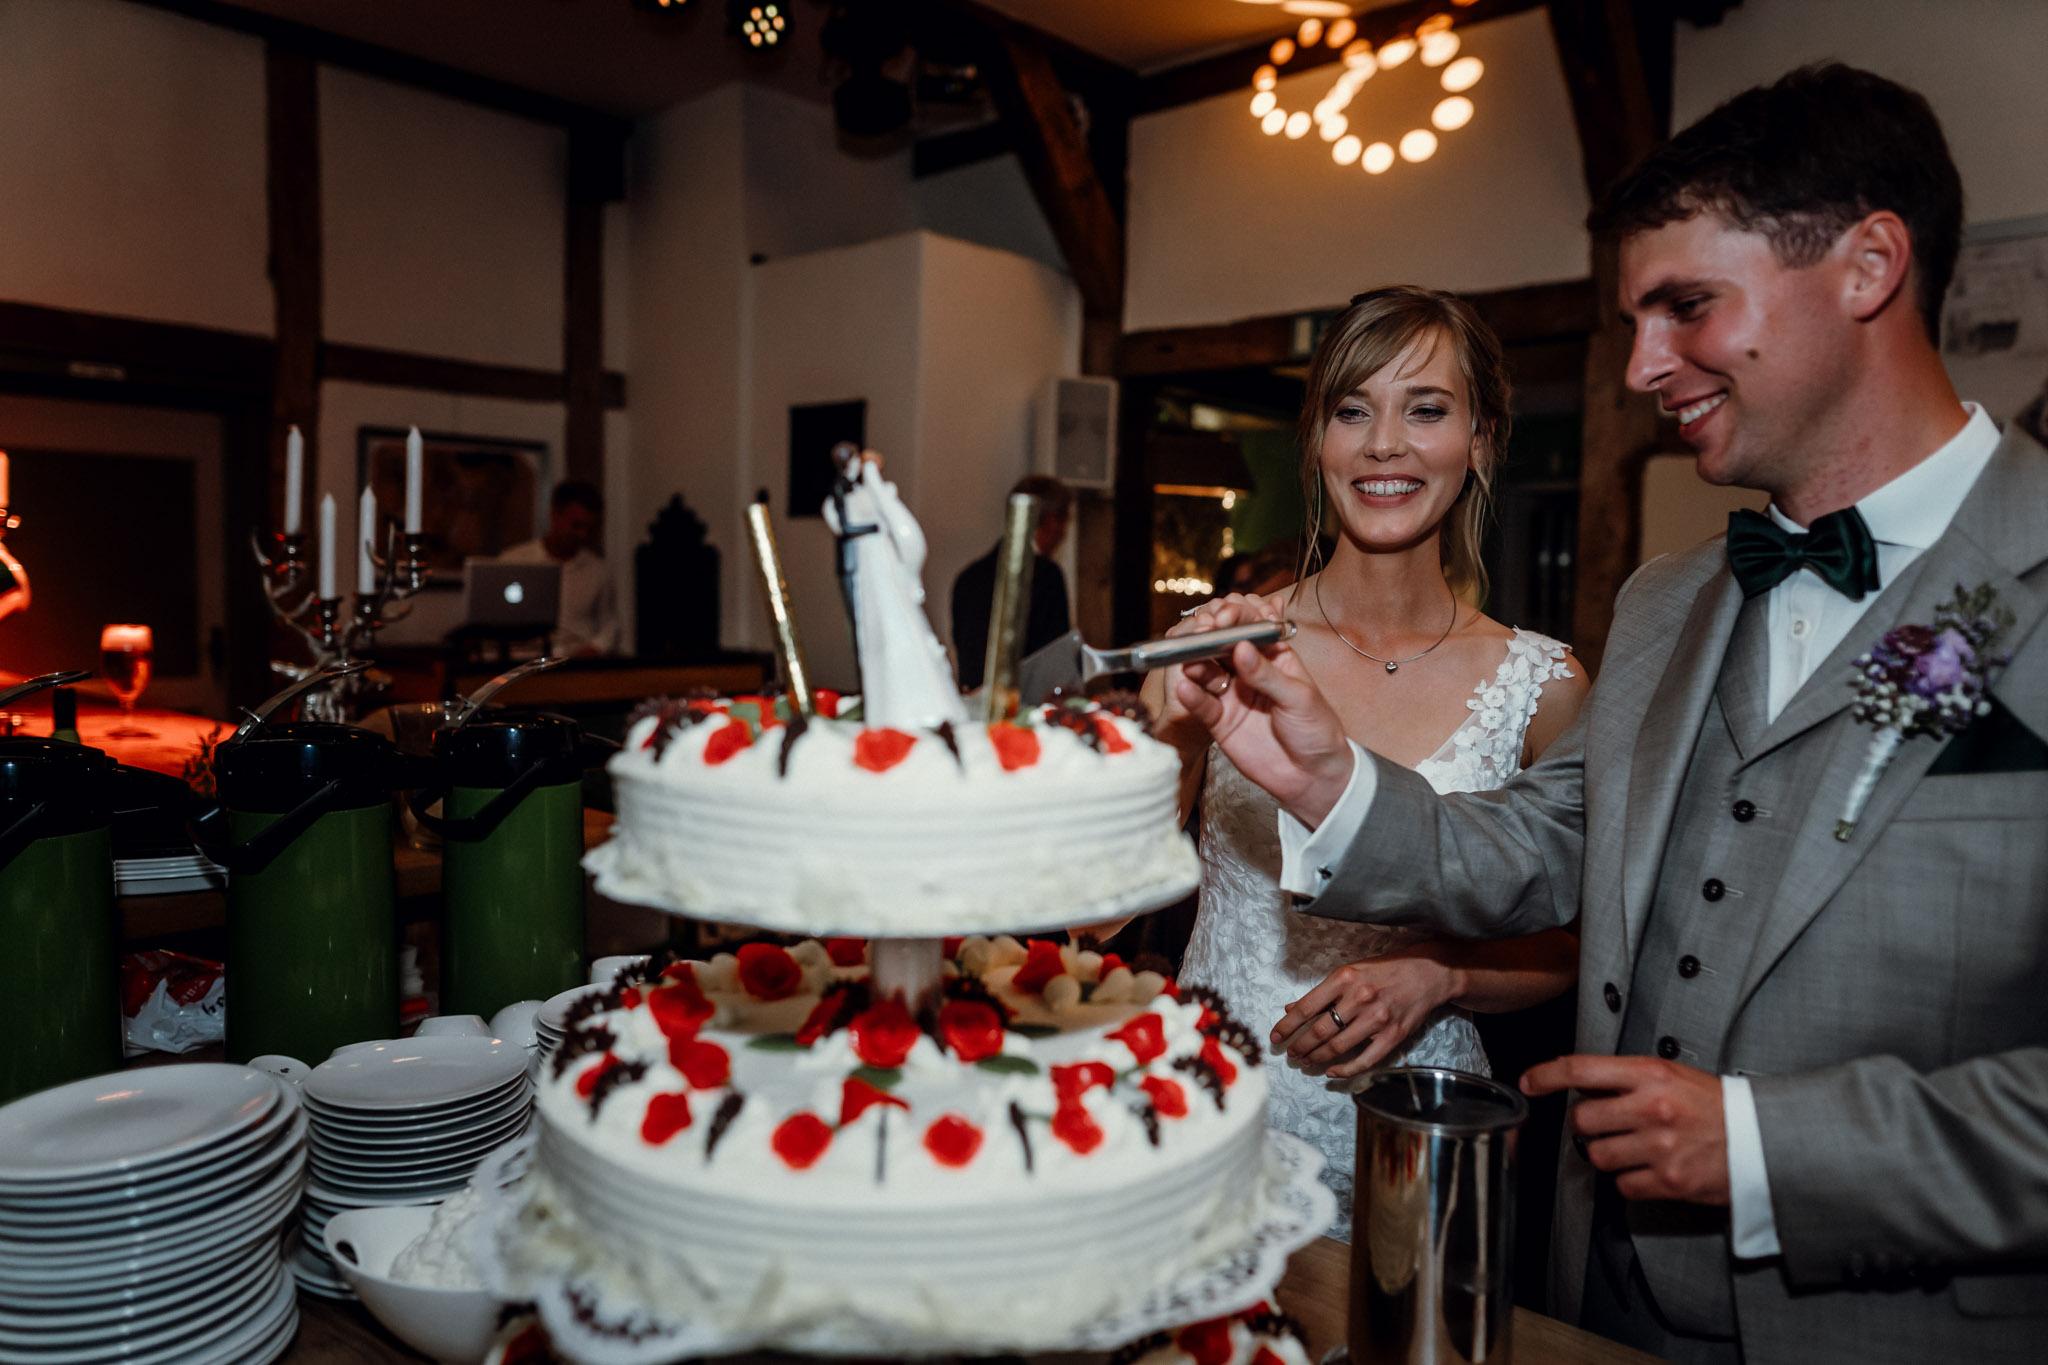 Sven Schomburg Hochzeitsfotografie, Hamburg, Mölln, Hochzeitsfieber by Photo-Schomburg, Hochzeitsreportage, Forsthaus Waldhusen, Braut, Bräutigam-86